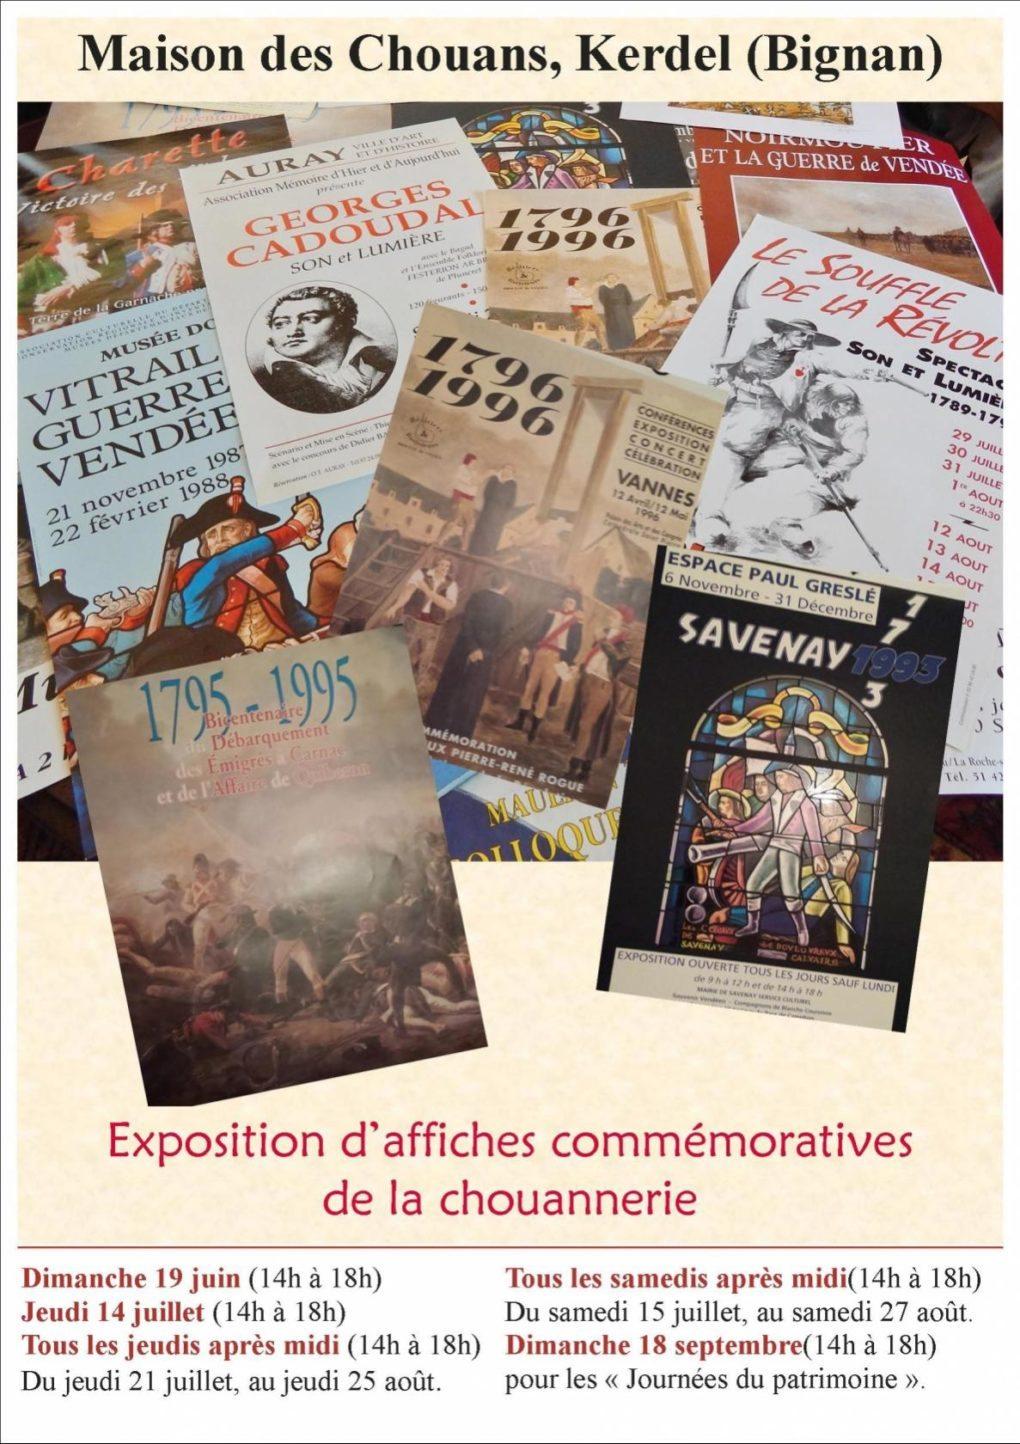 Affiches commémoratives de la Chouannerie Bignan